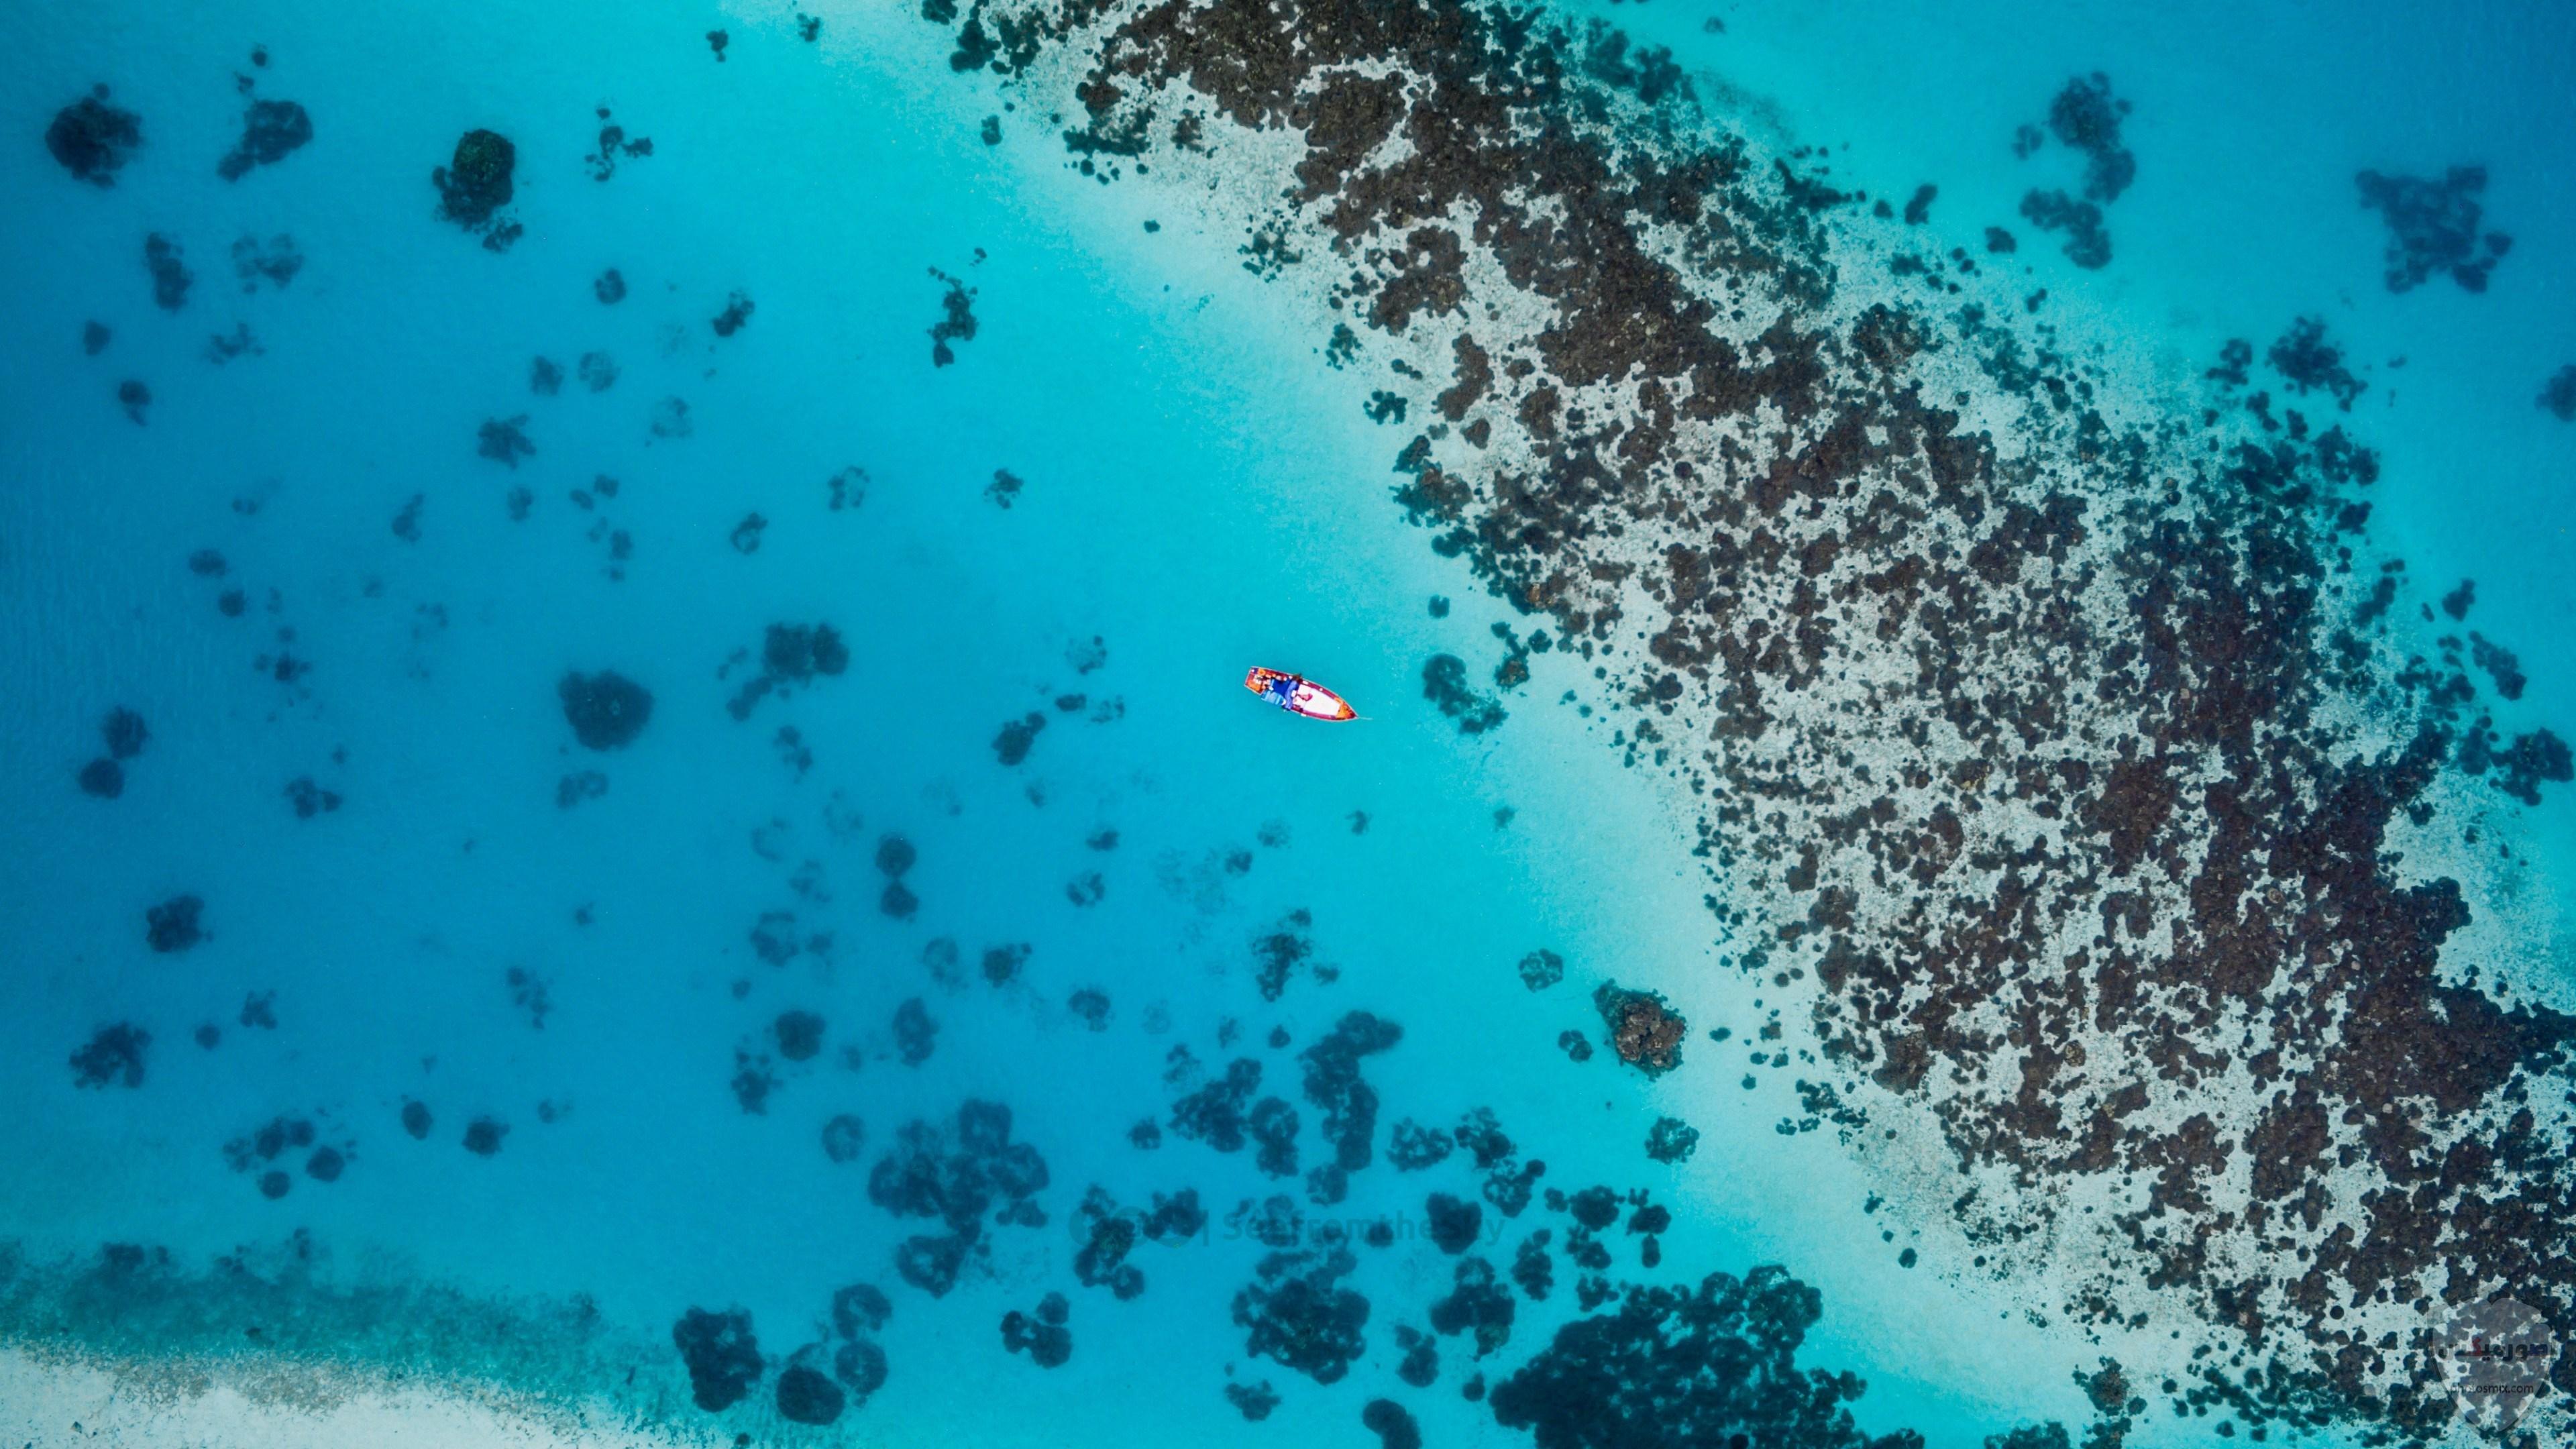 صور بحر وشاطئ صور وخلفيات بحور وشواطئ جميلة اجمل خلفيات بحار جودة عالية 9